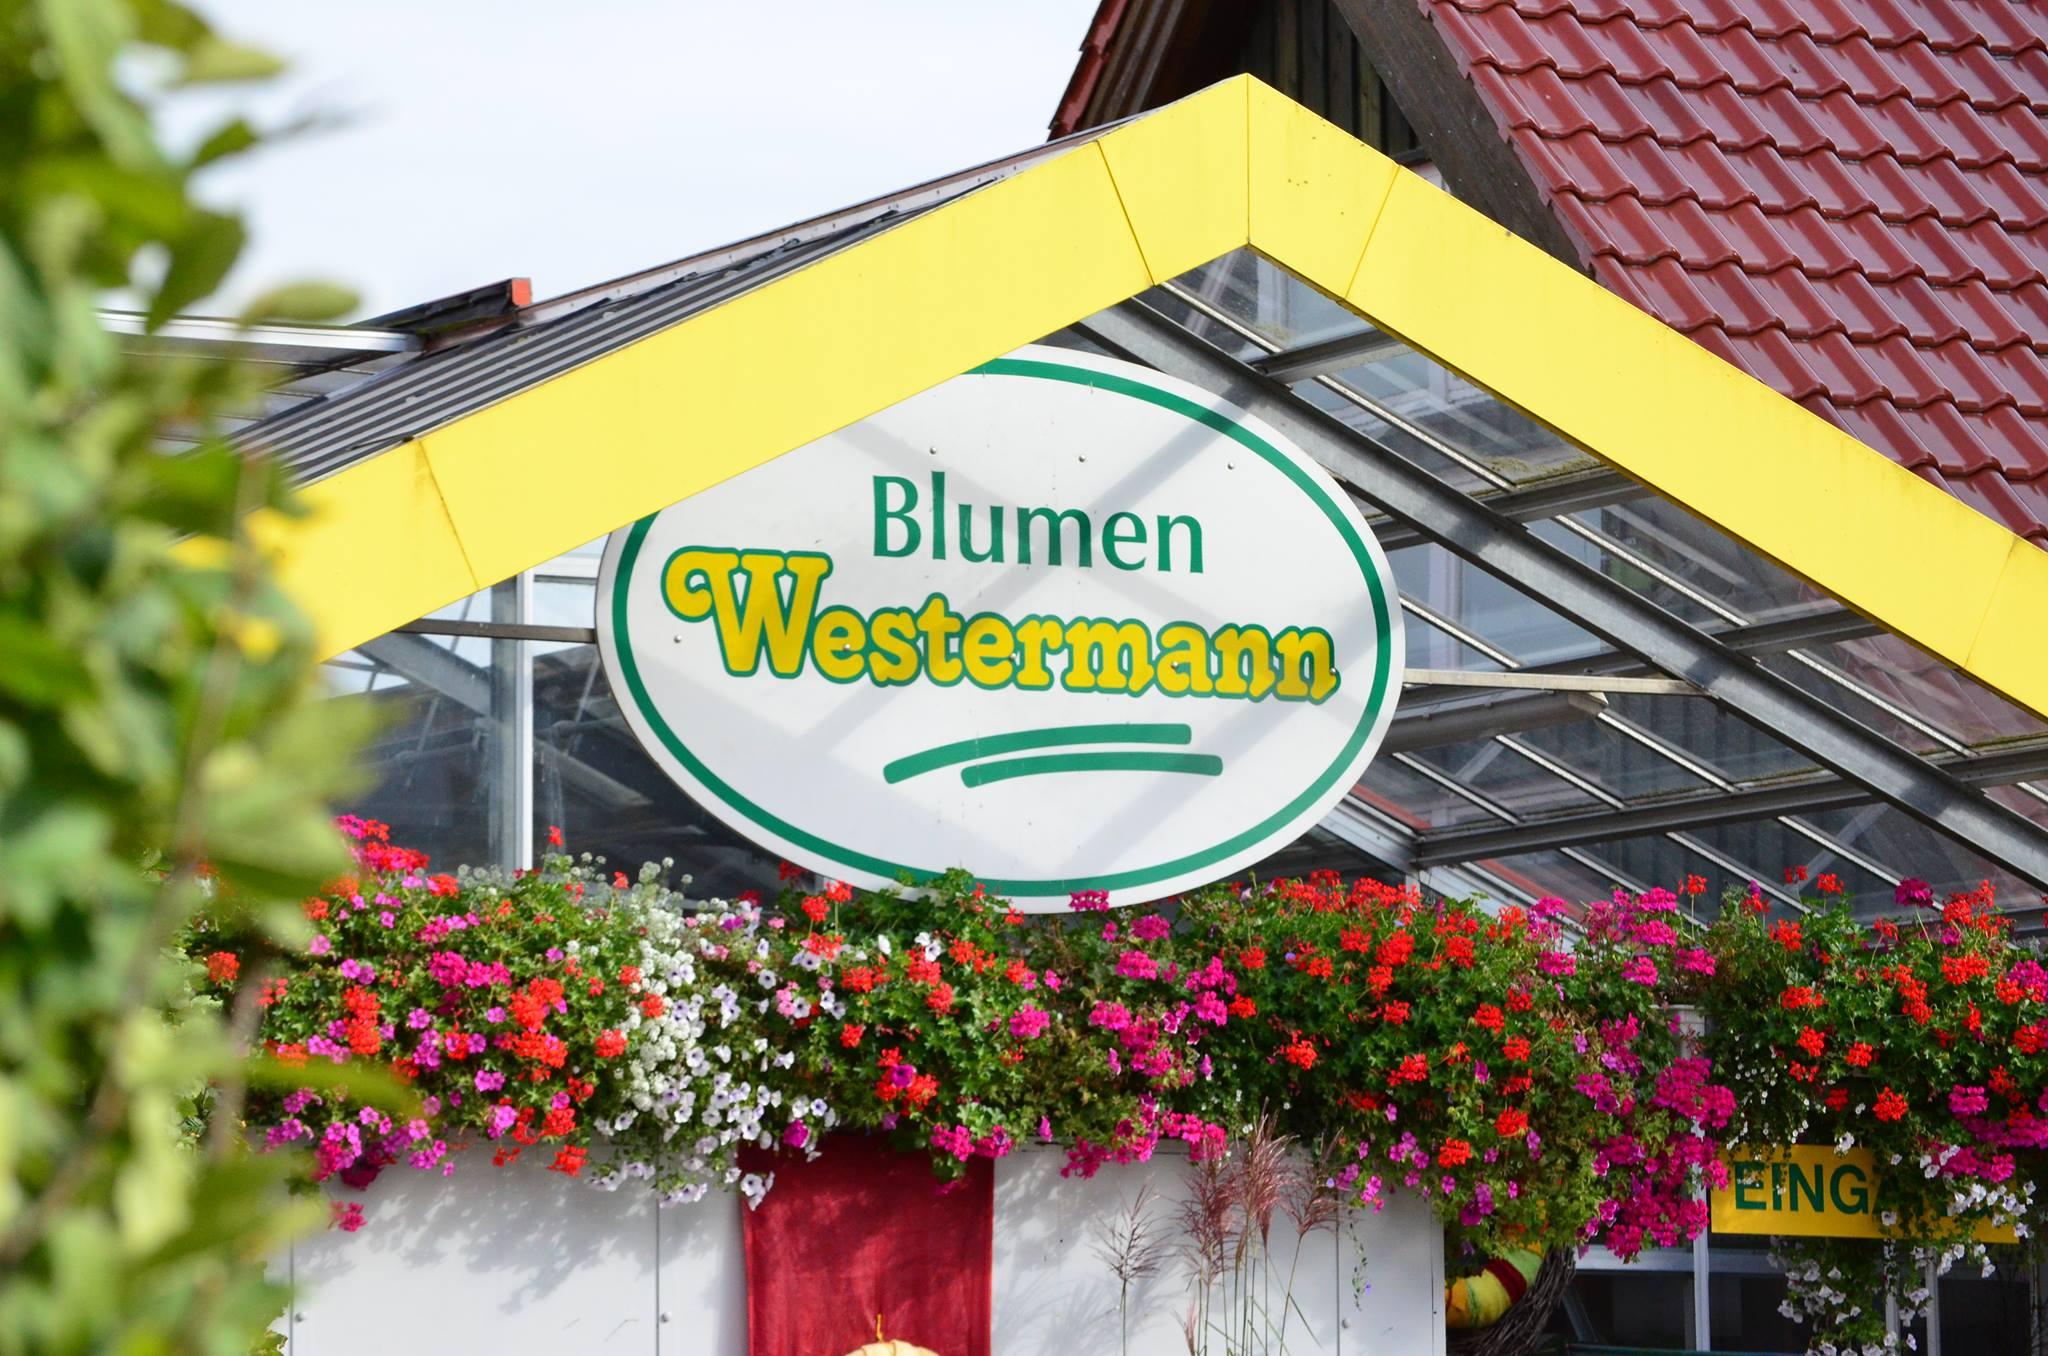 Blumen Westermann